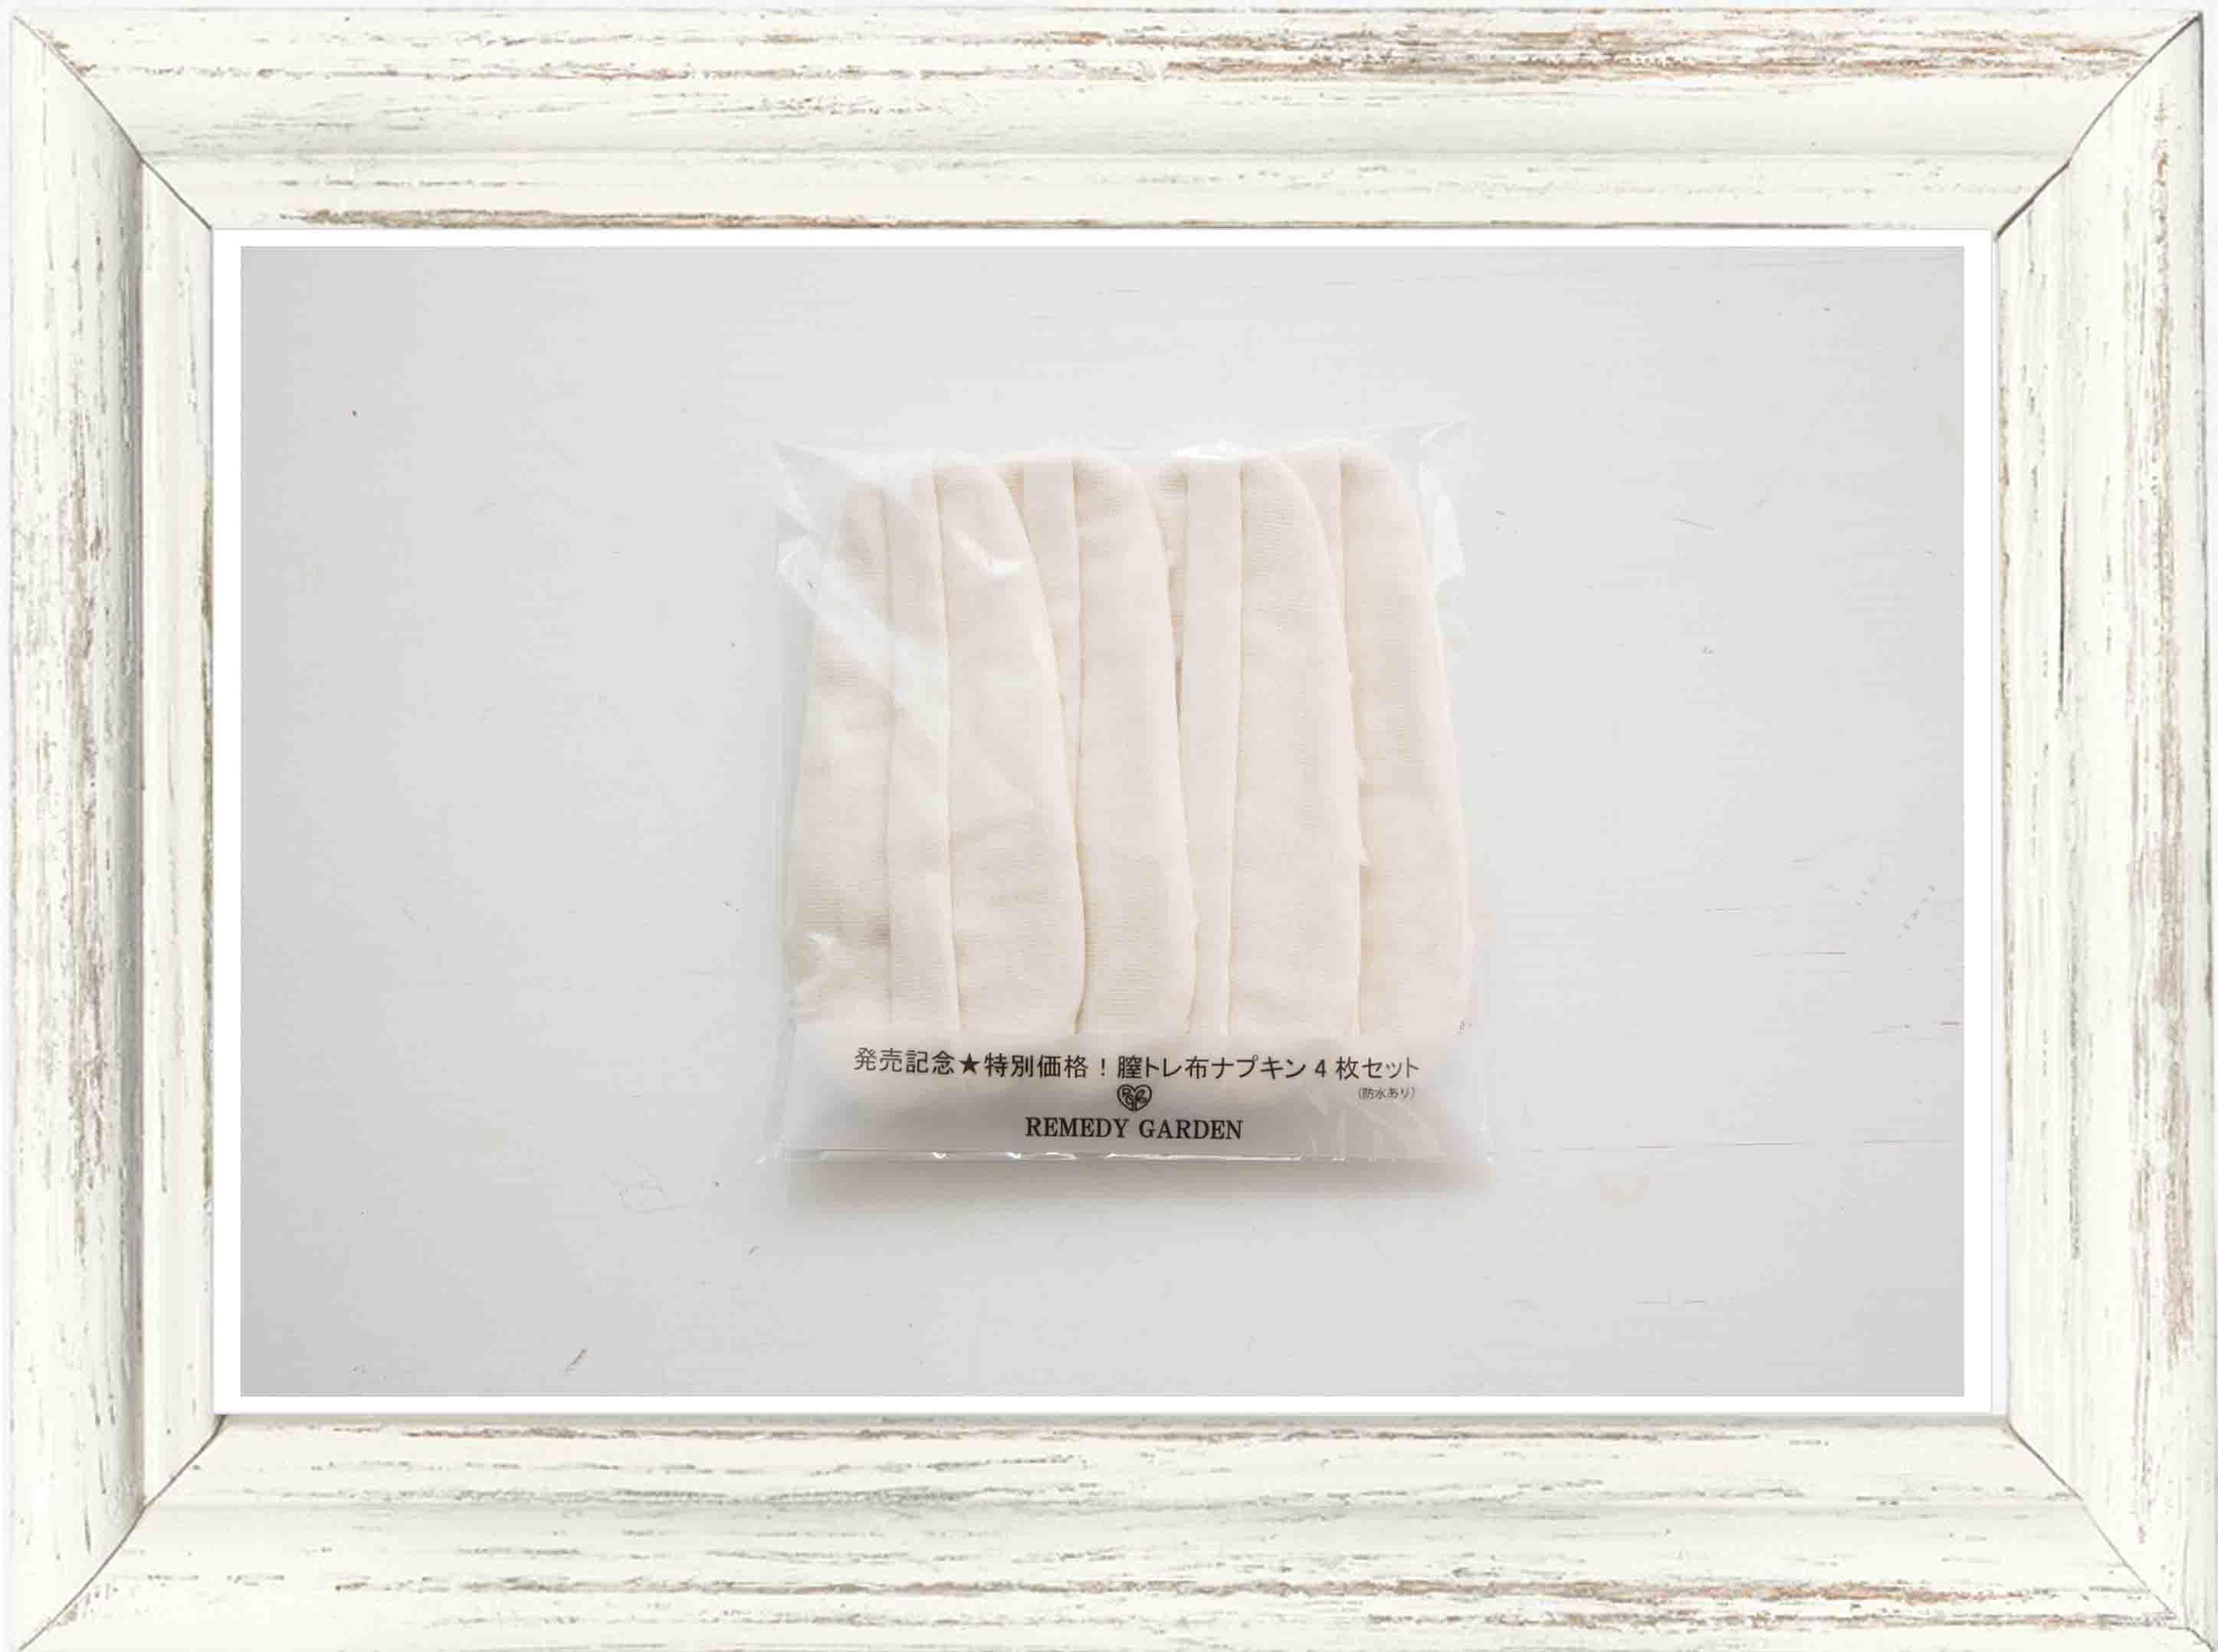 布ナプキン▶︎月経血コントロール/膣トレ布ナプキンスペシャル4枚セット